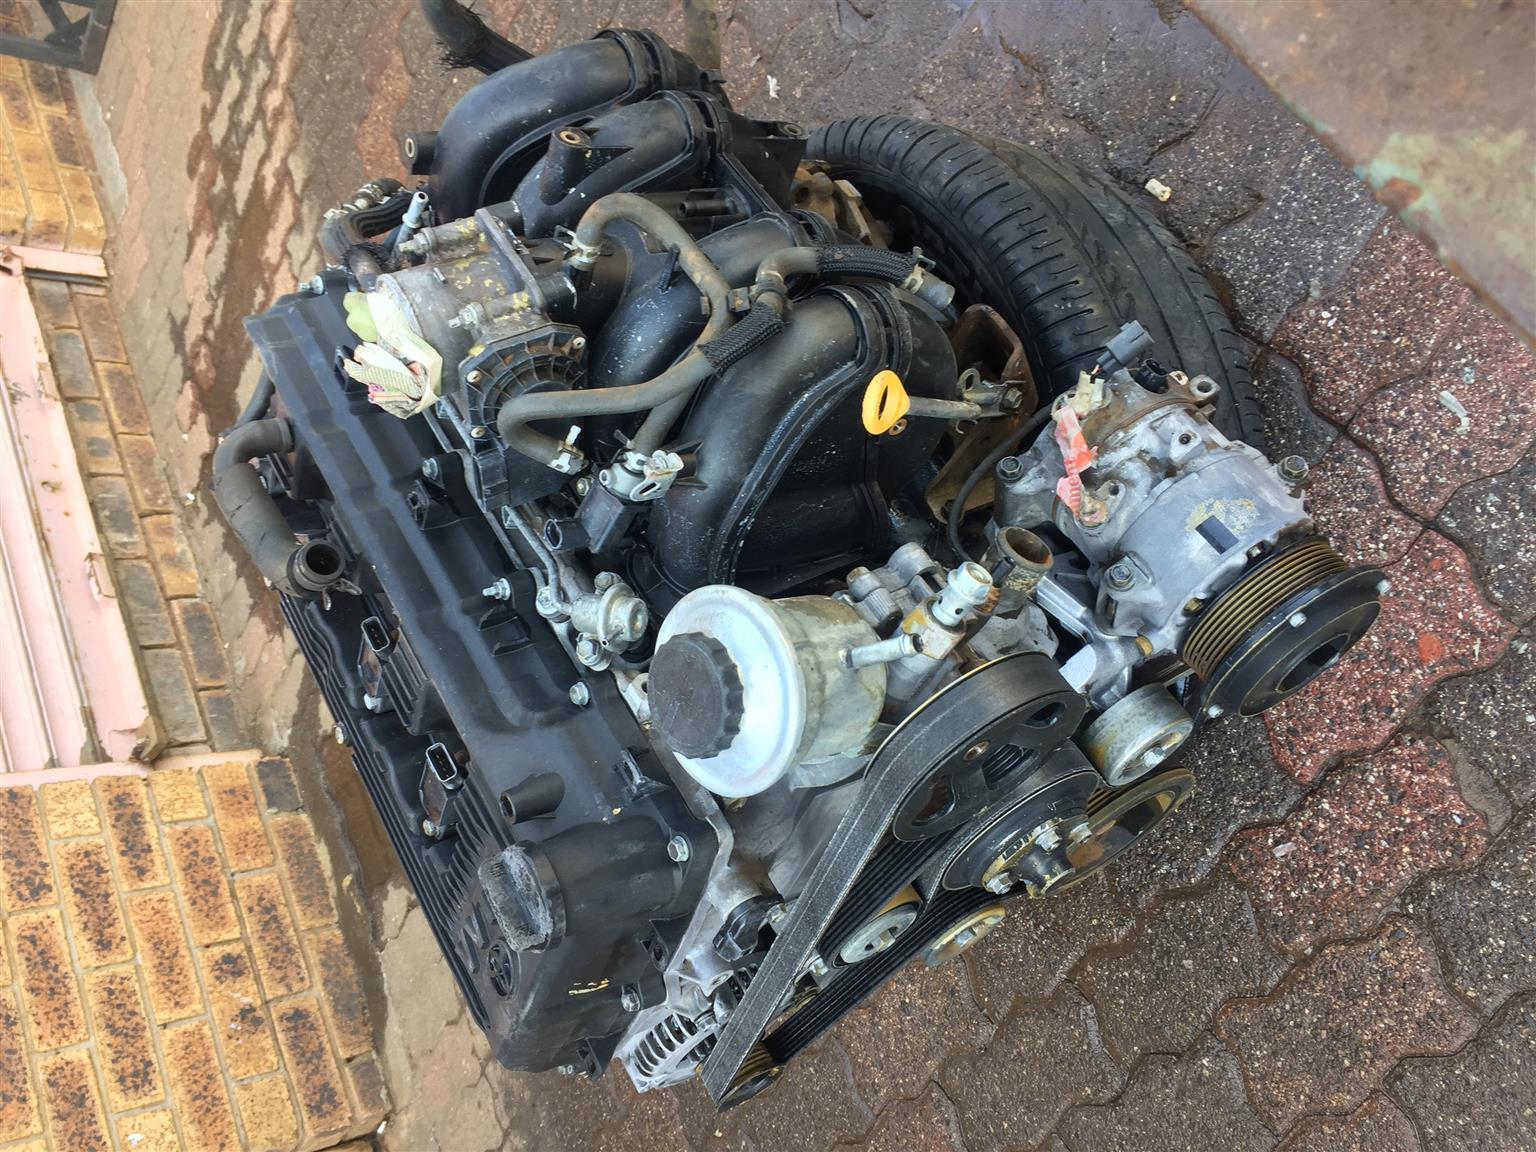 Toyota Quantum 2.7 petrol engine special